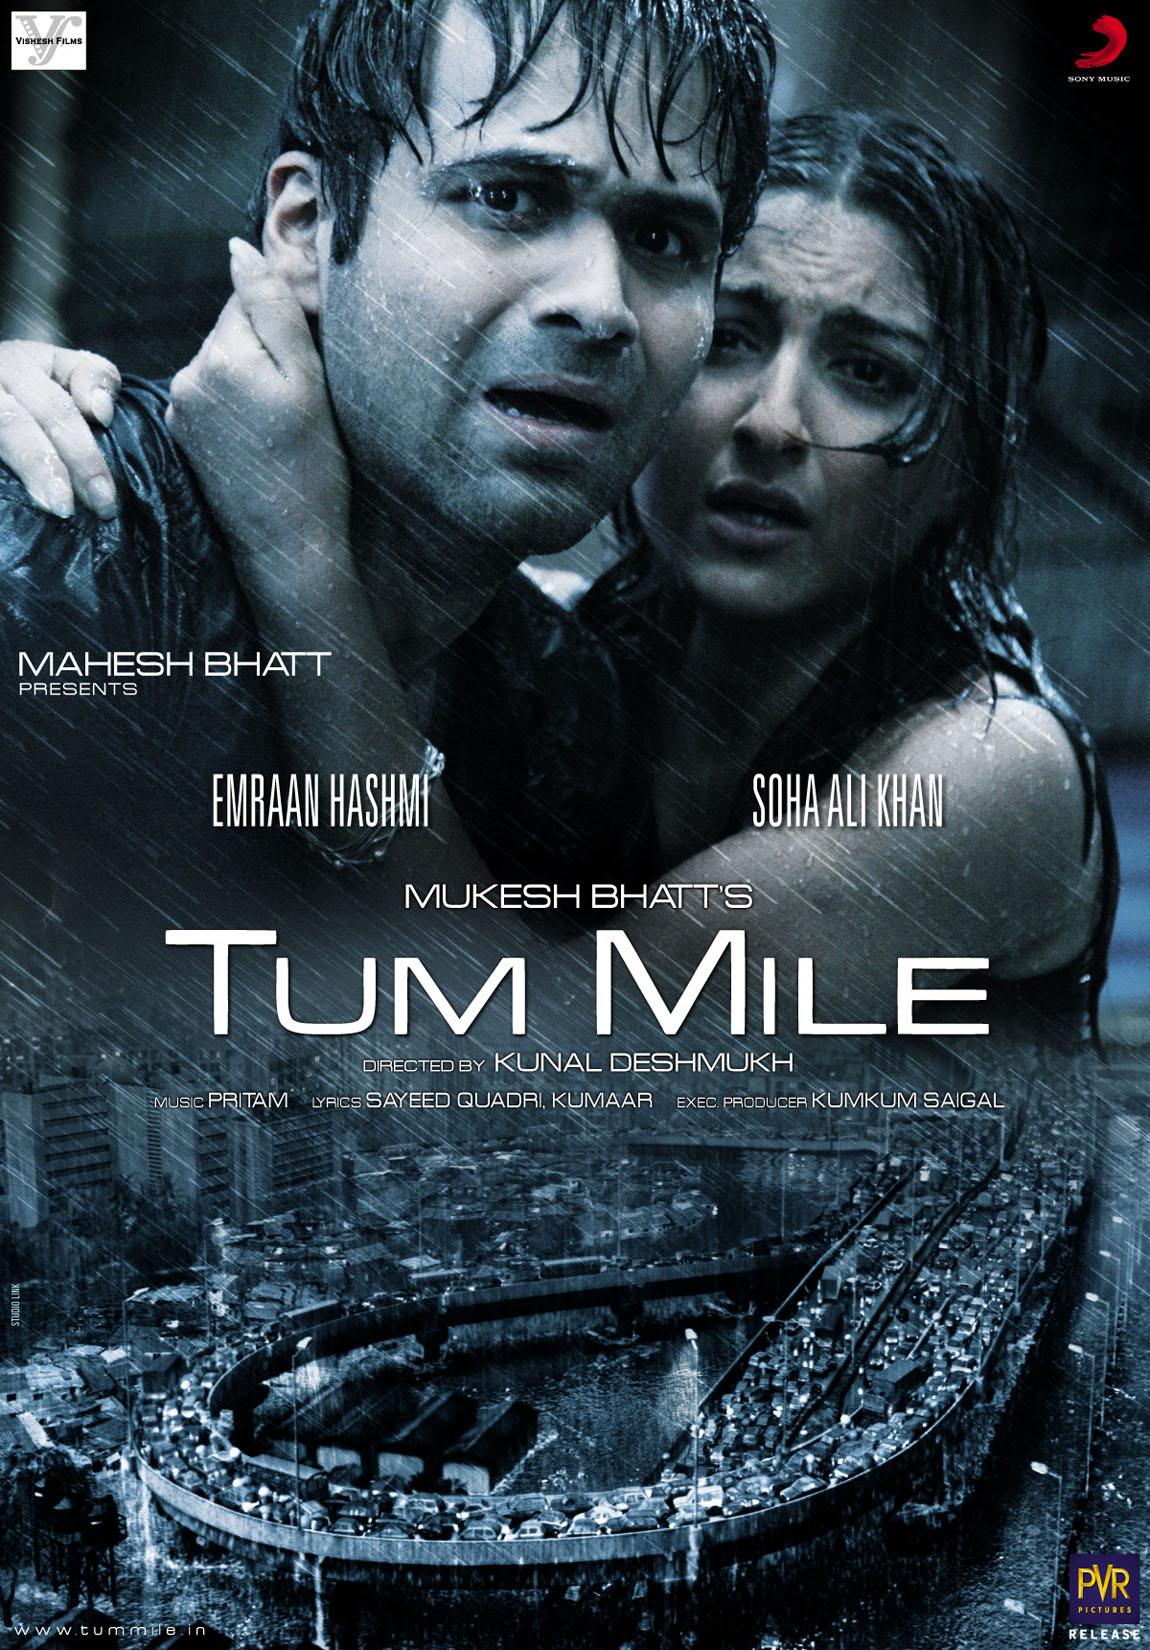 Tum Mile 2009 Imdb